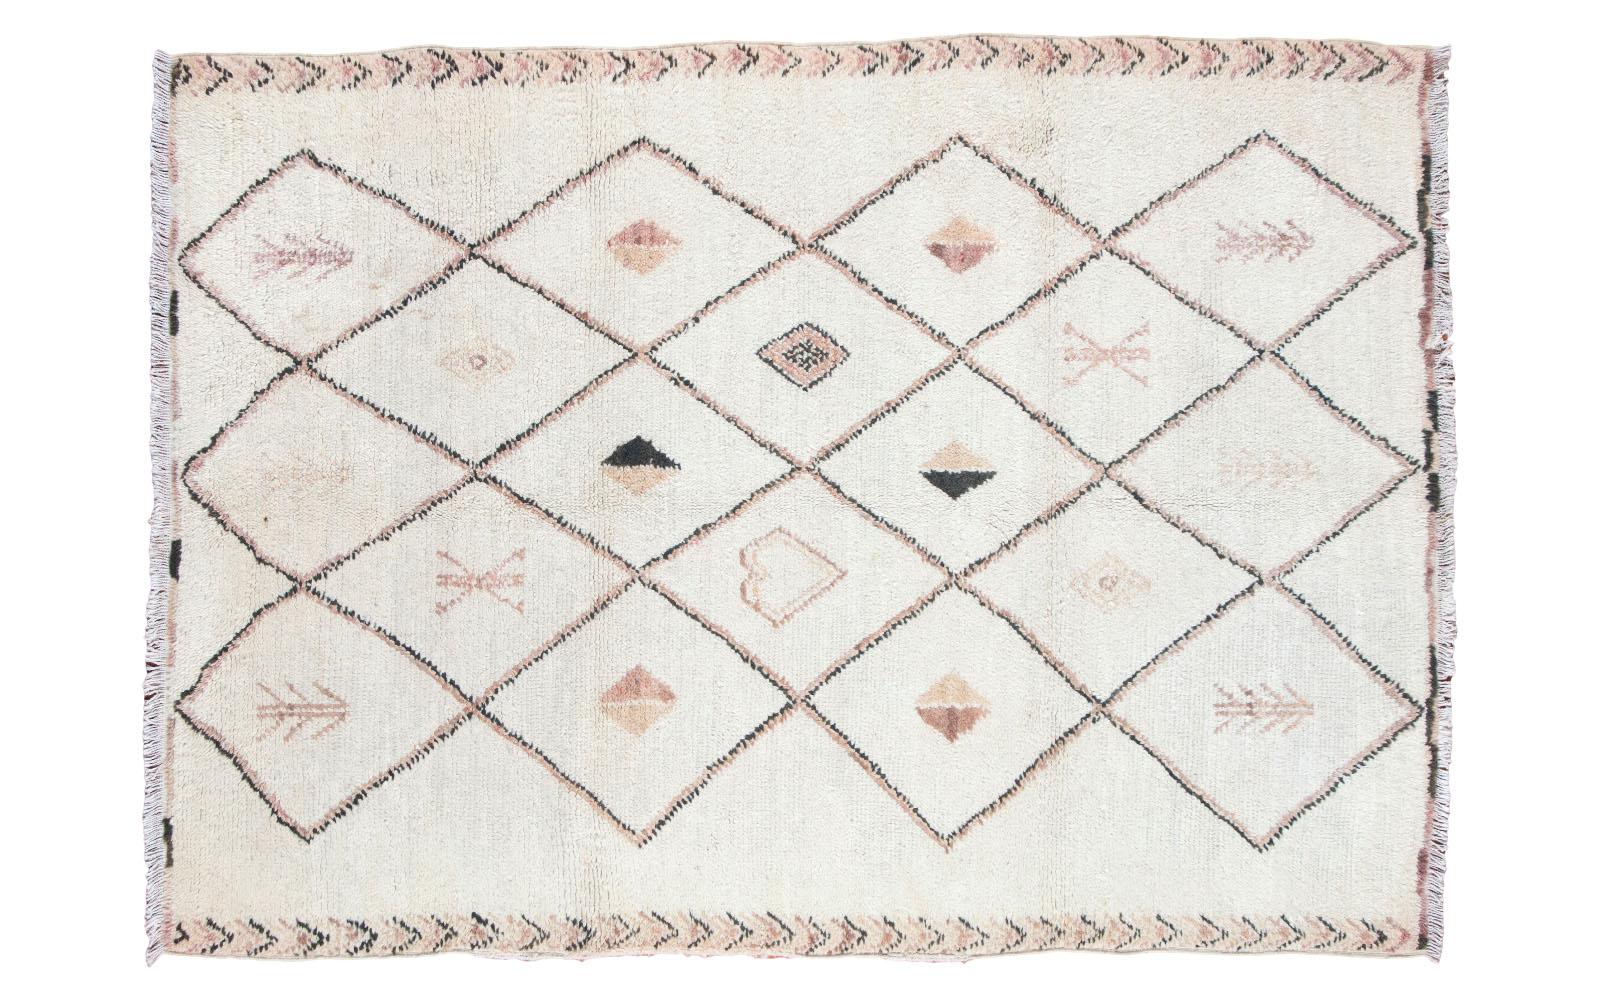 Moroccan Rug Symbols